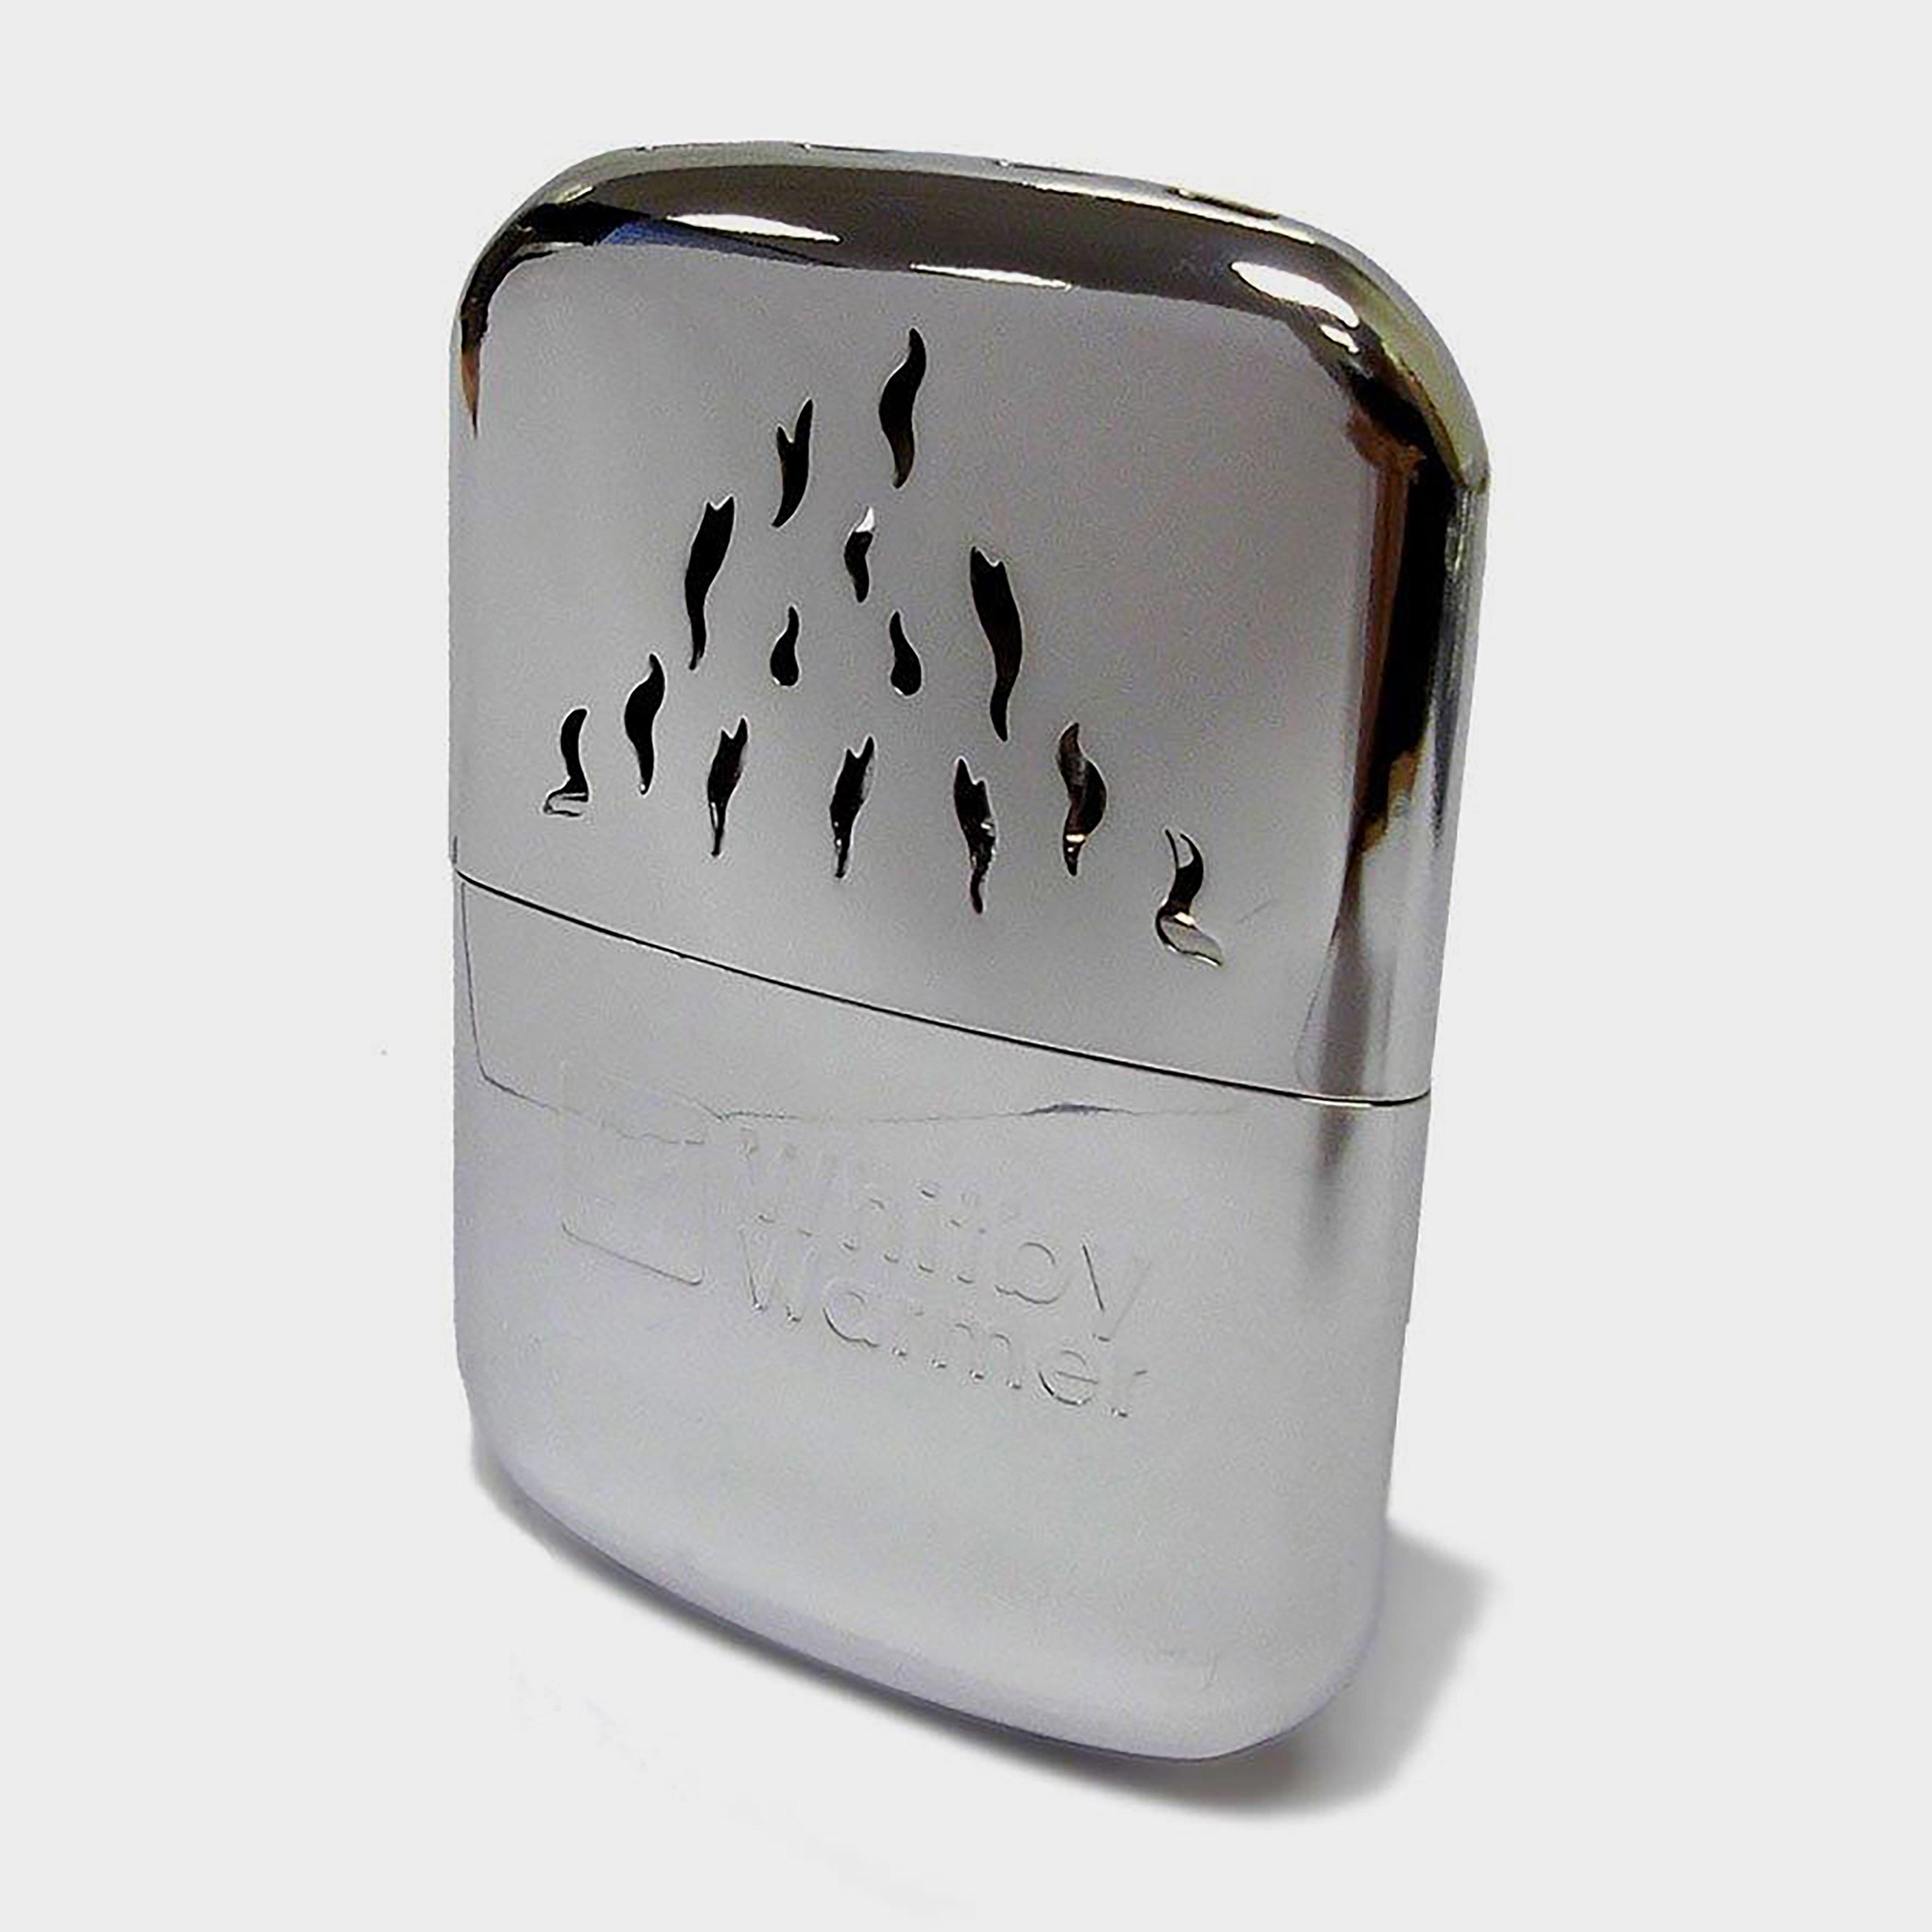 Image of Clearance Hand Warmer - Silver/Warmer, Silver/WARMER